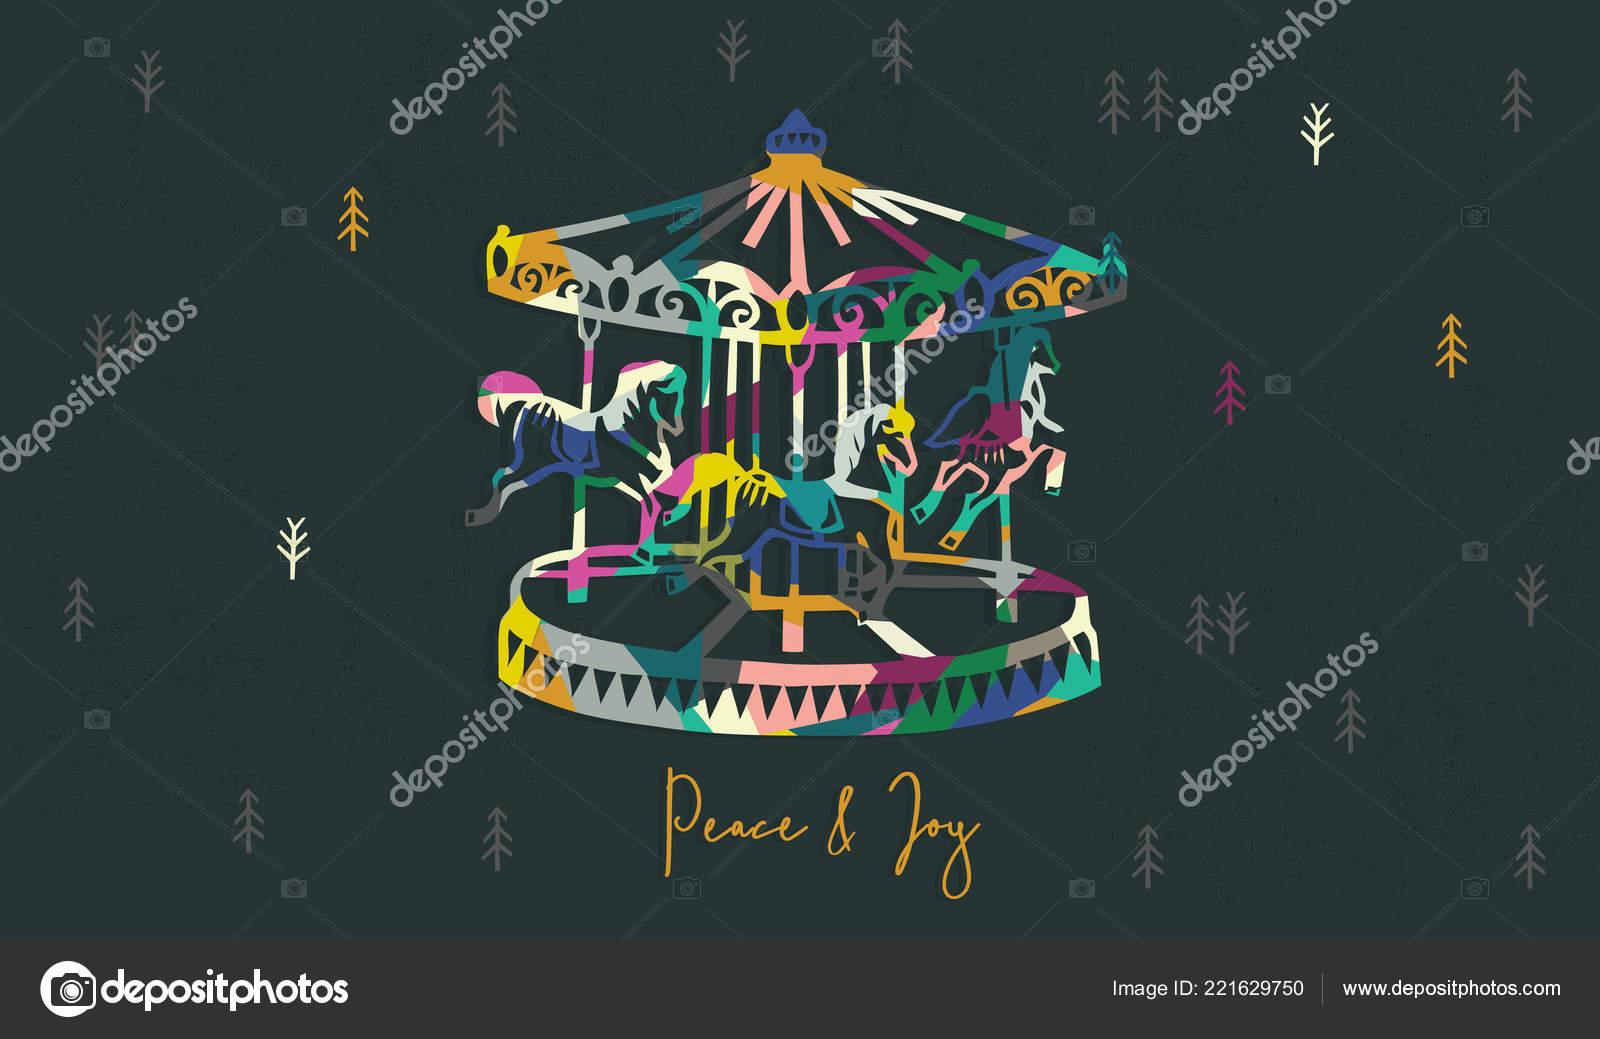 Weihnachtsgrüße Vorlage.Karussell Weihnachtsgrüße Vorlage Vektor Illustration Stockvektor